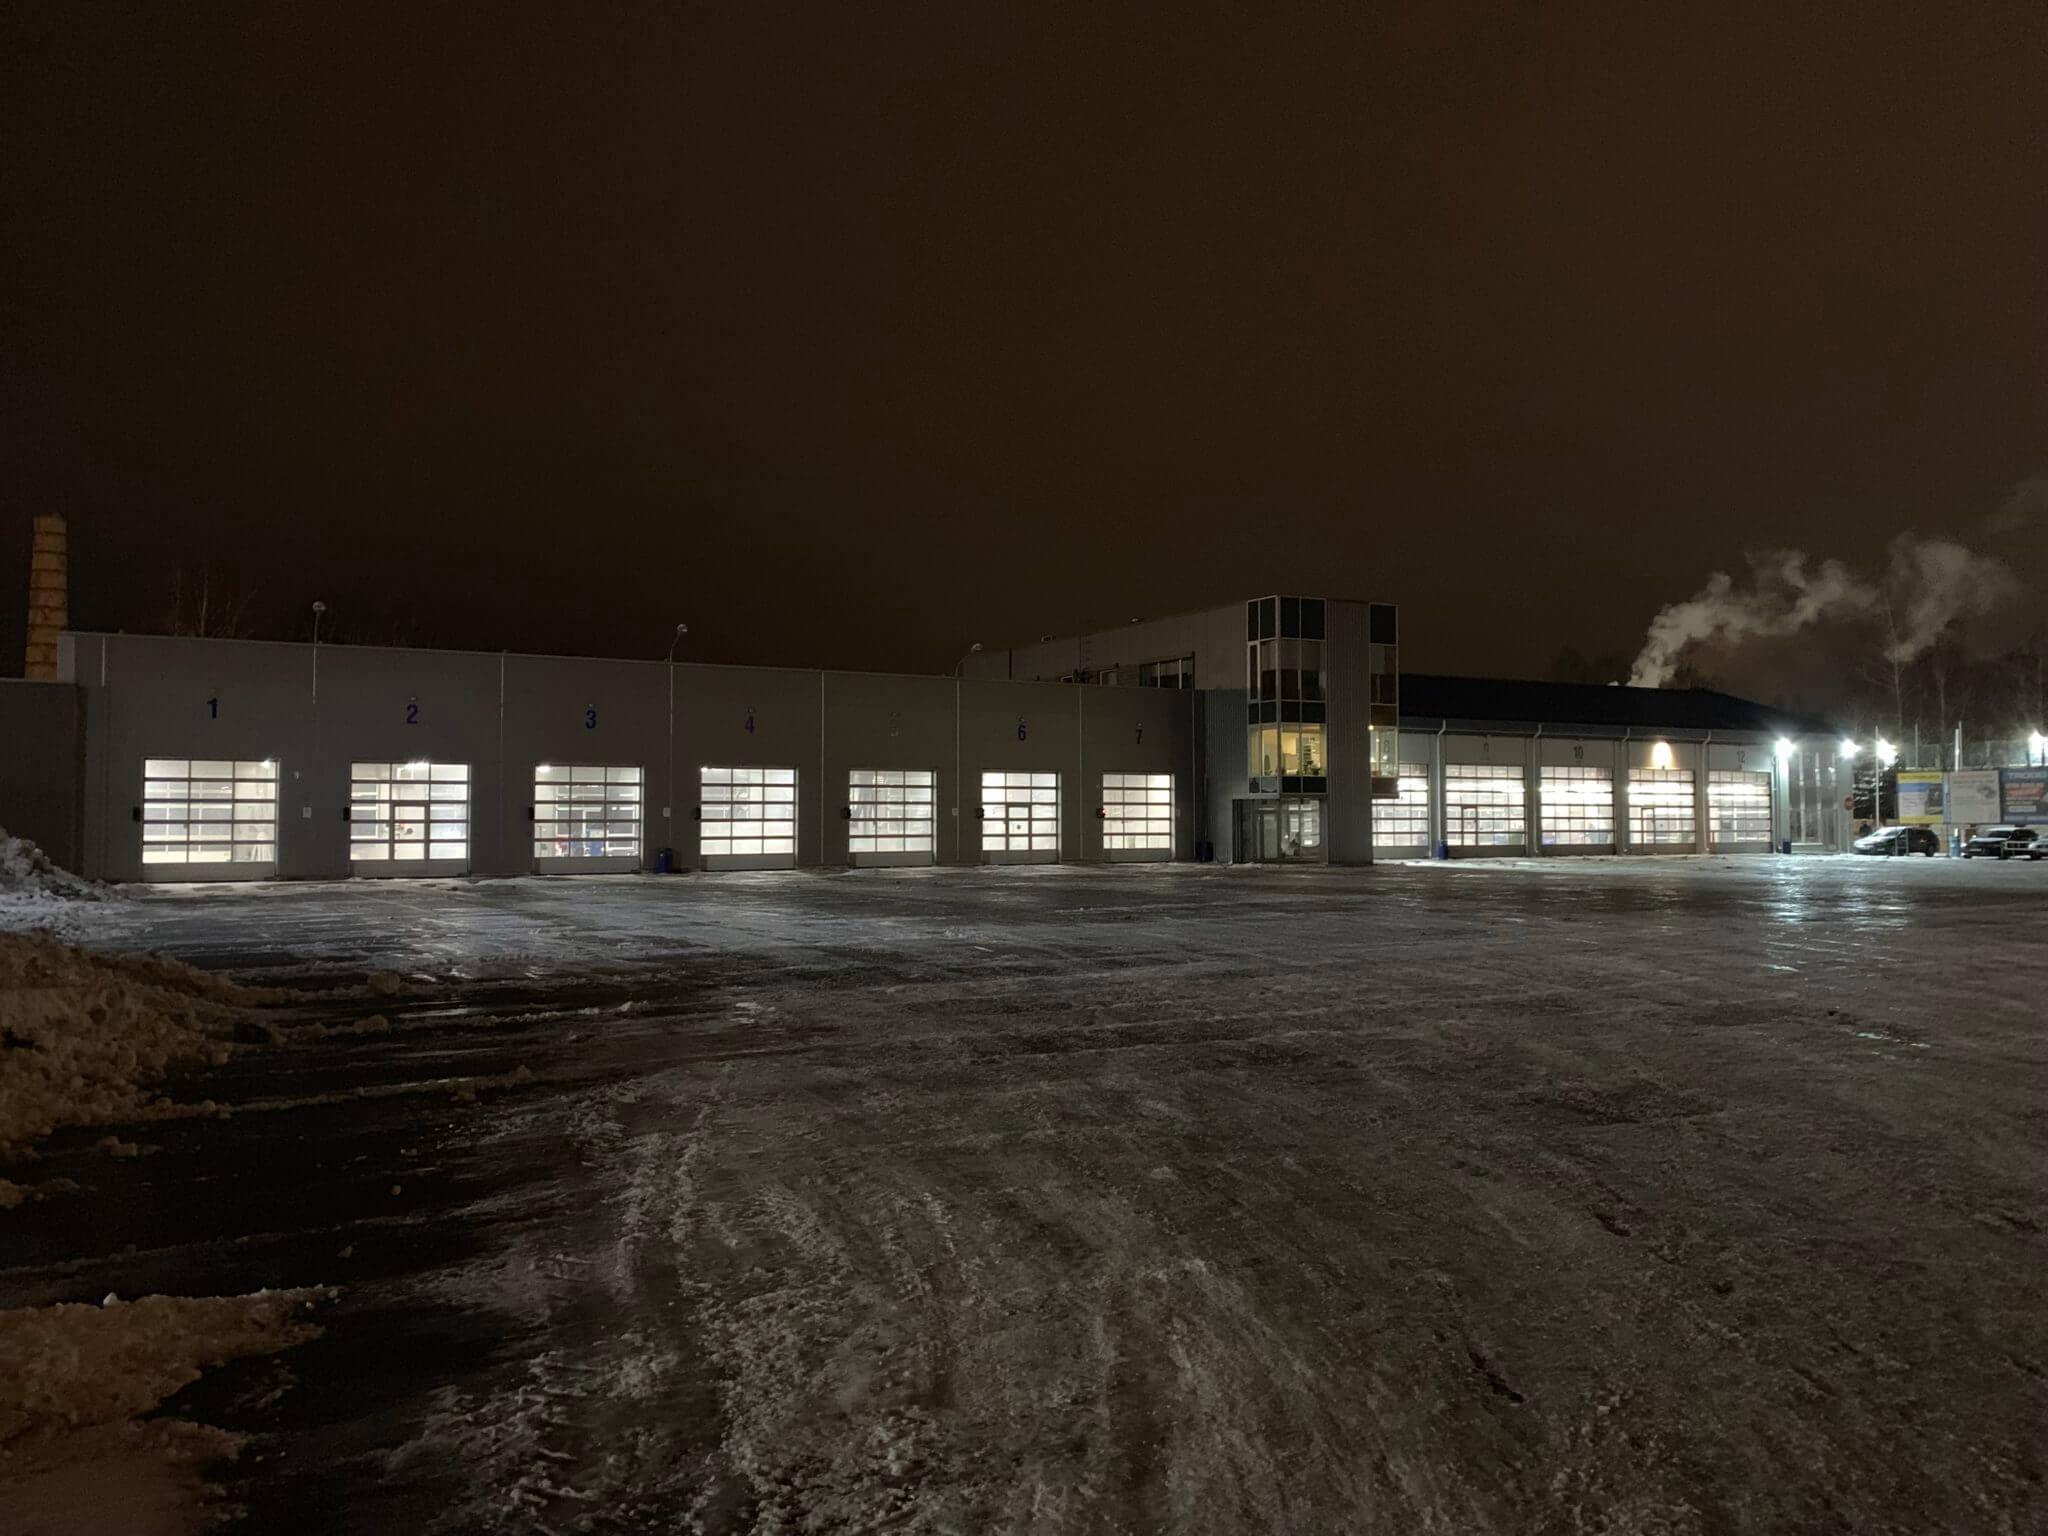 Auteko & Tüv automašīnu tehniskās apskates stacija